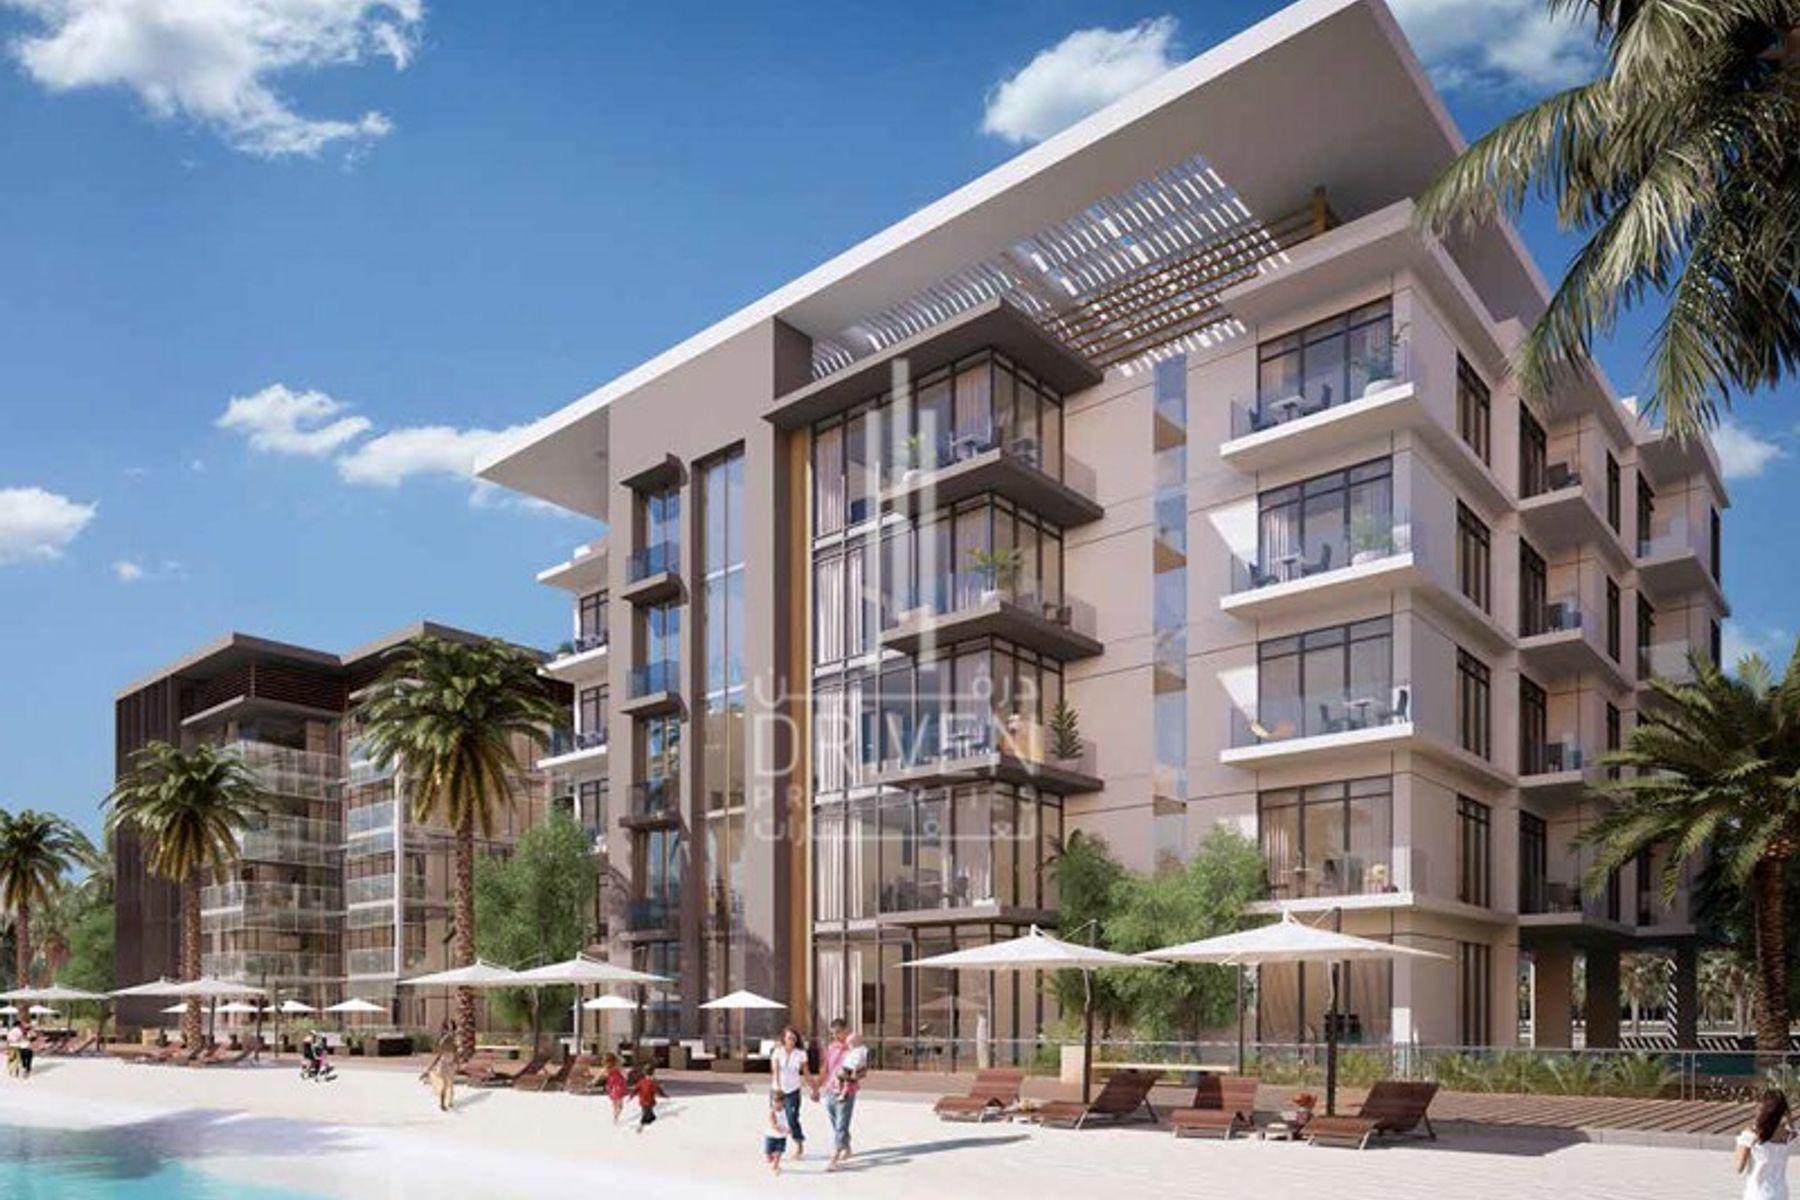 للبيع - مبنى سكني - ذا ريزيدنسز في ديستريكت ون - مدينة الشيخ محمد بن راشد